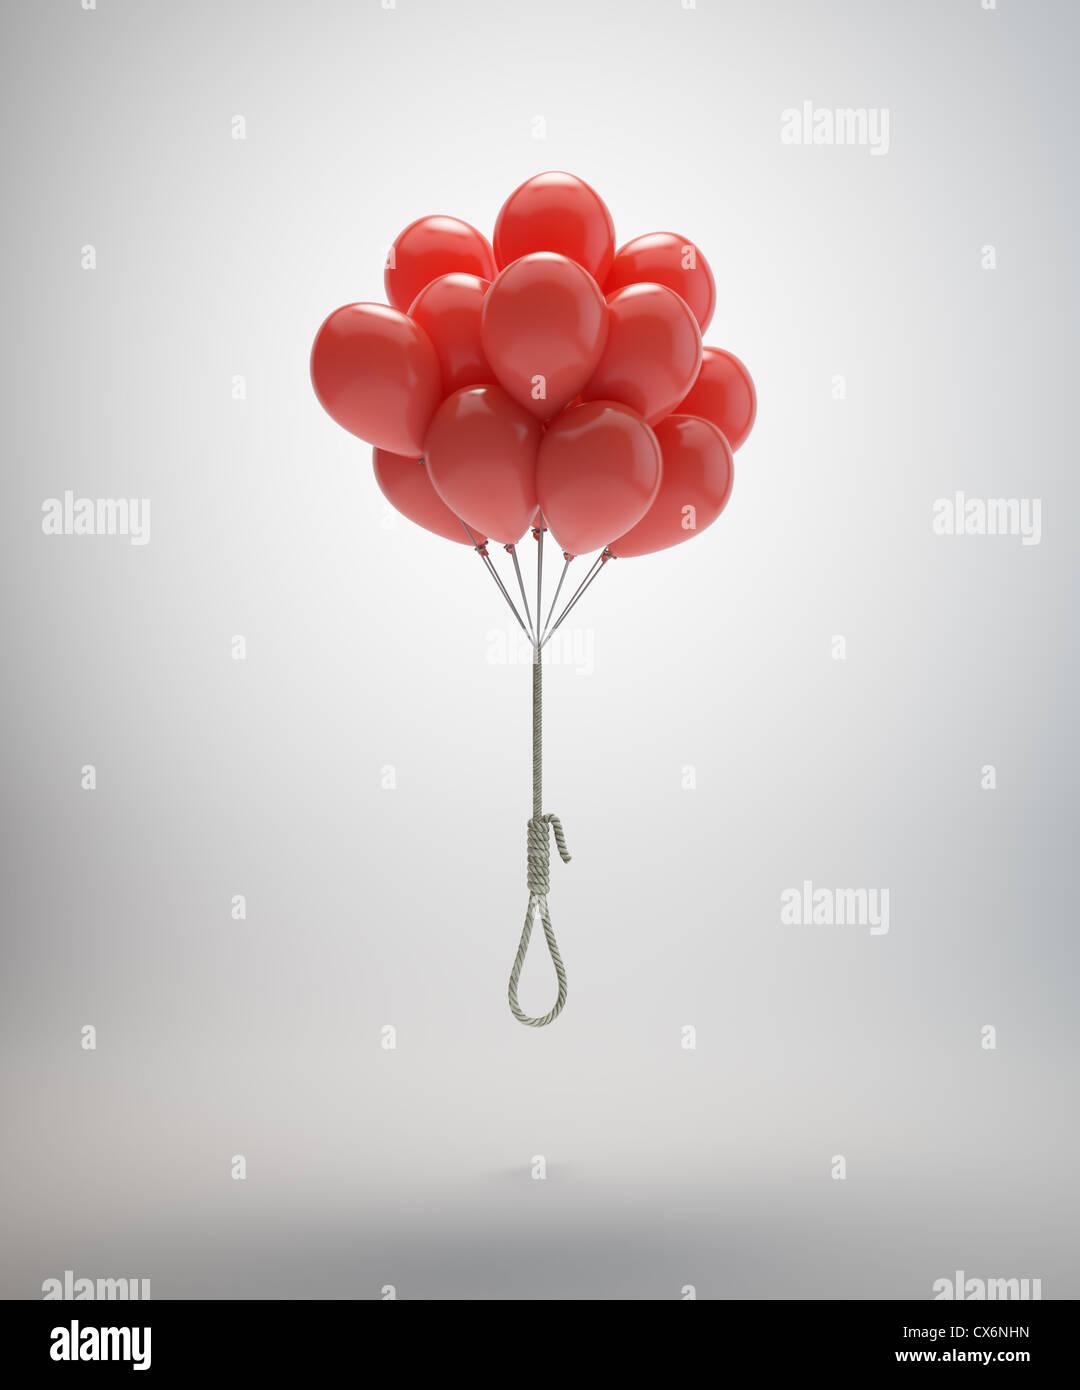 Potence suspendue par un tas de ballons rouges Photo Stock